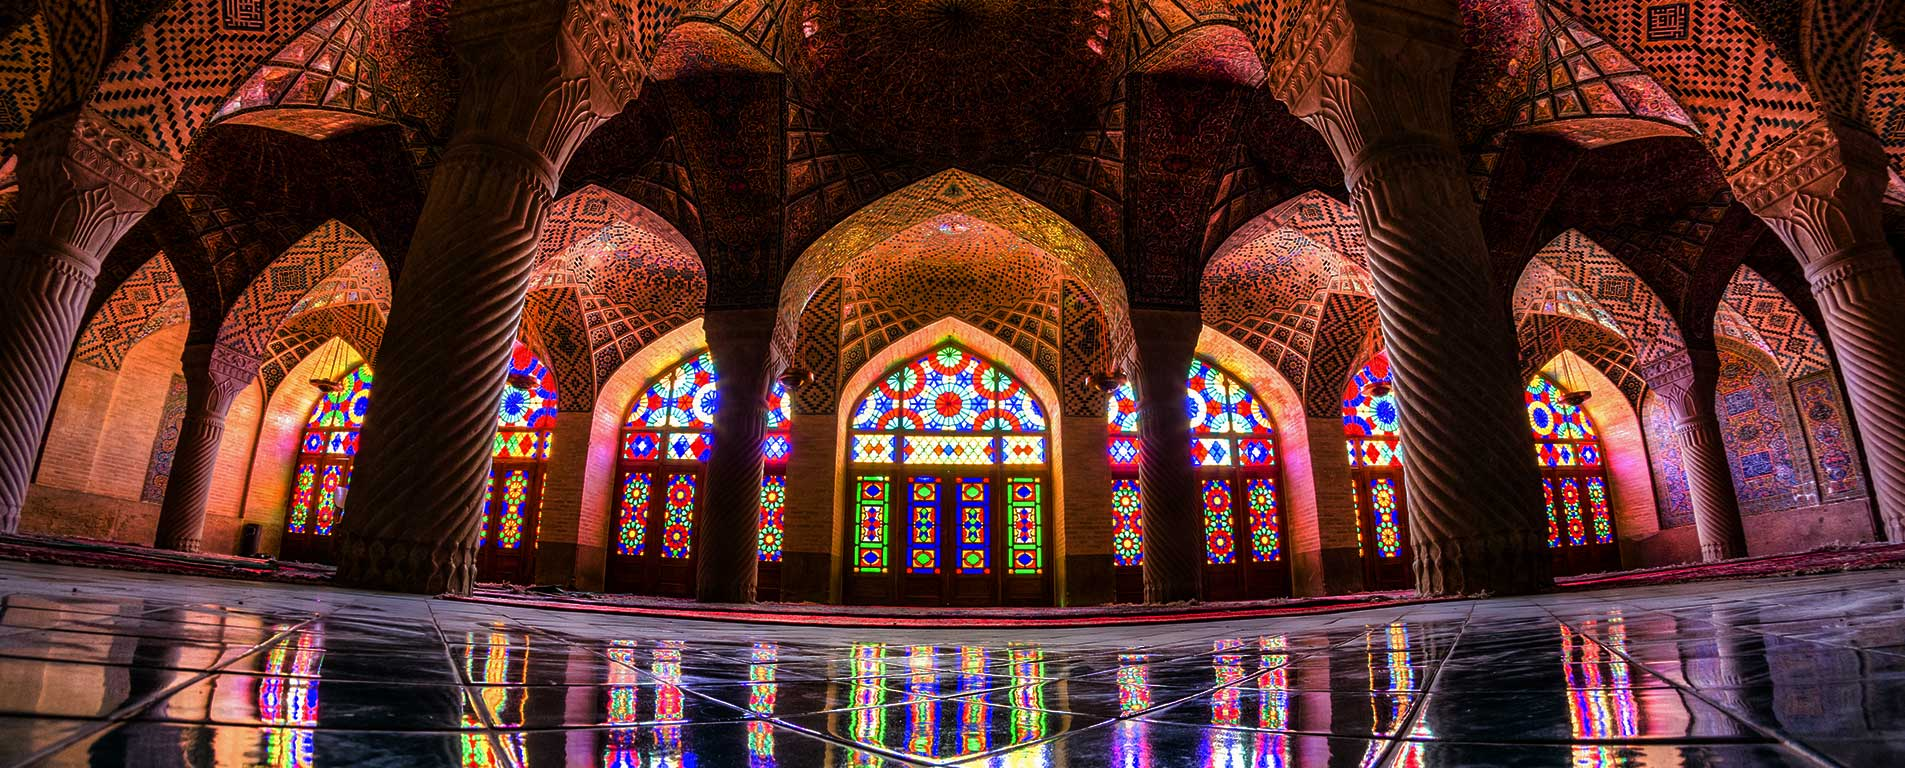 زیباترین مساجد ایران را بشناسید